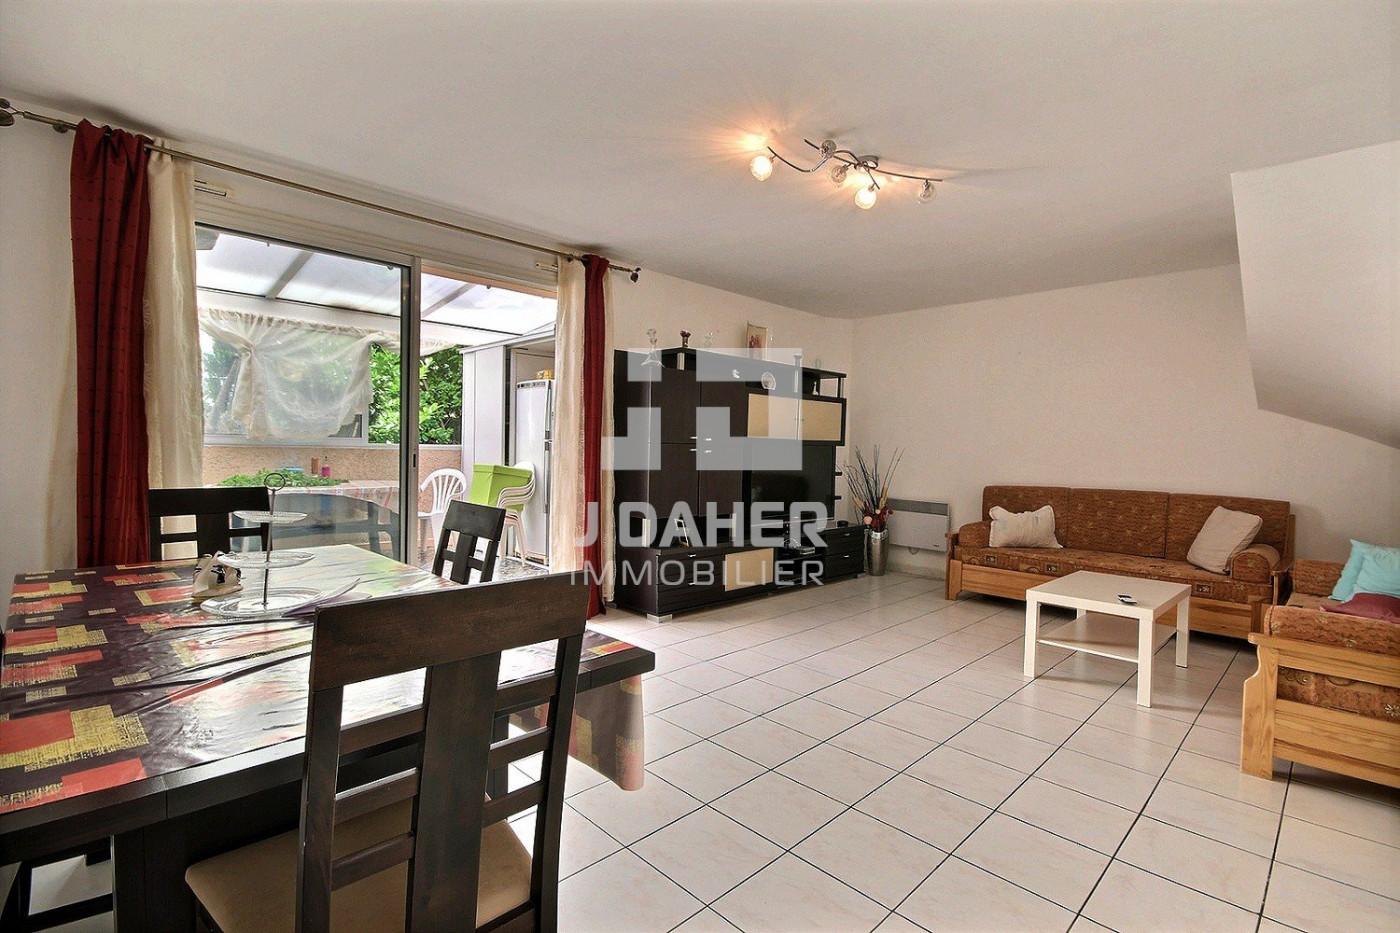 A vendre  Marseille 5eme Arrondissement | Réf 13025831 - J daher immobilier